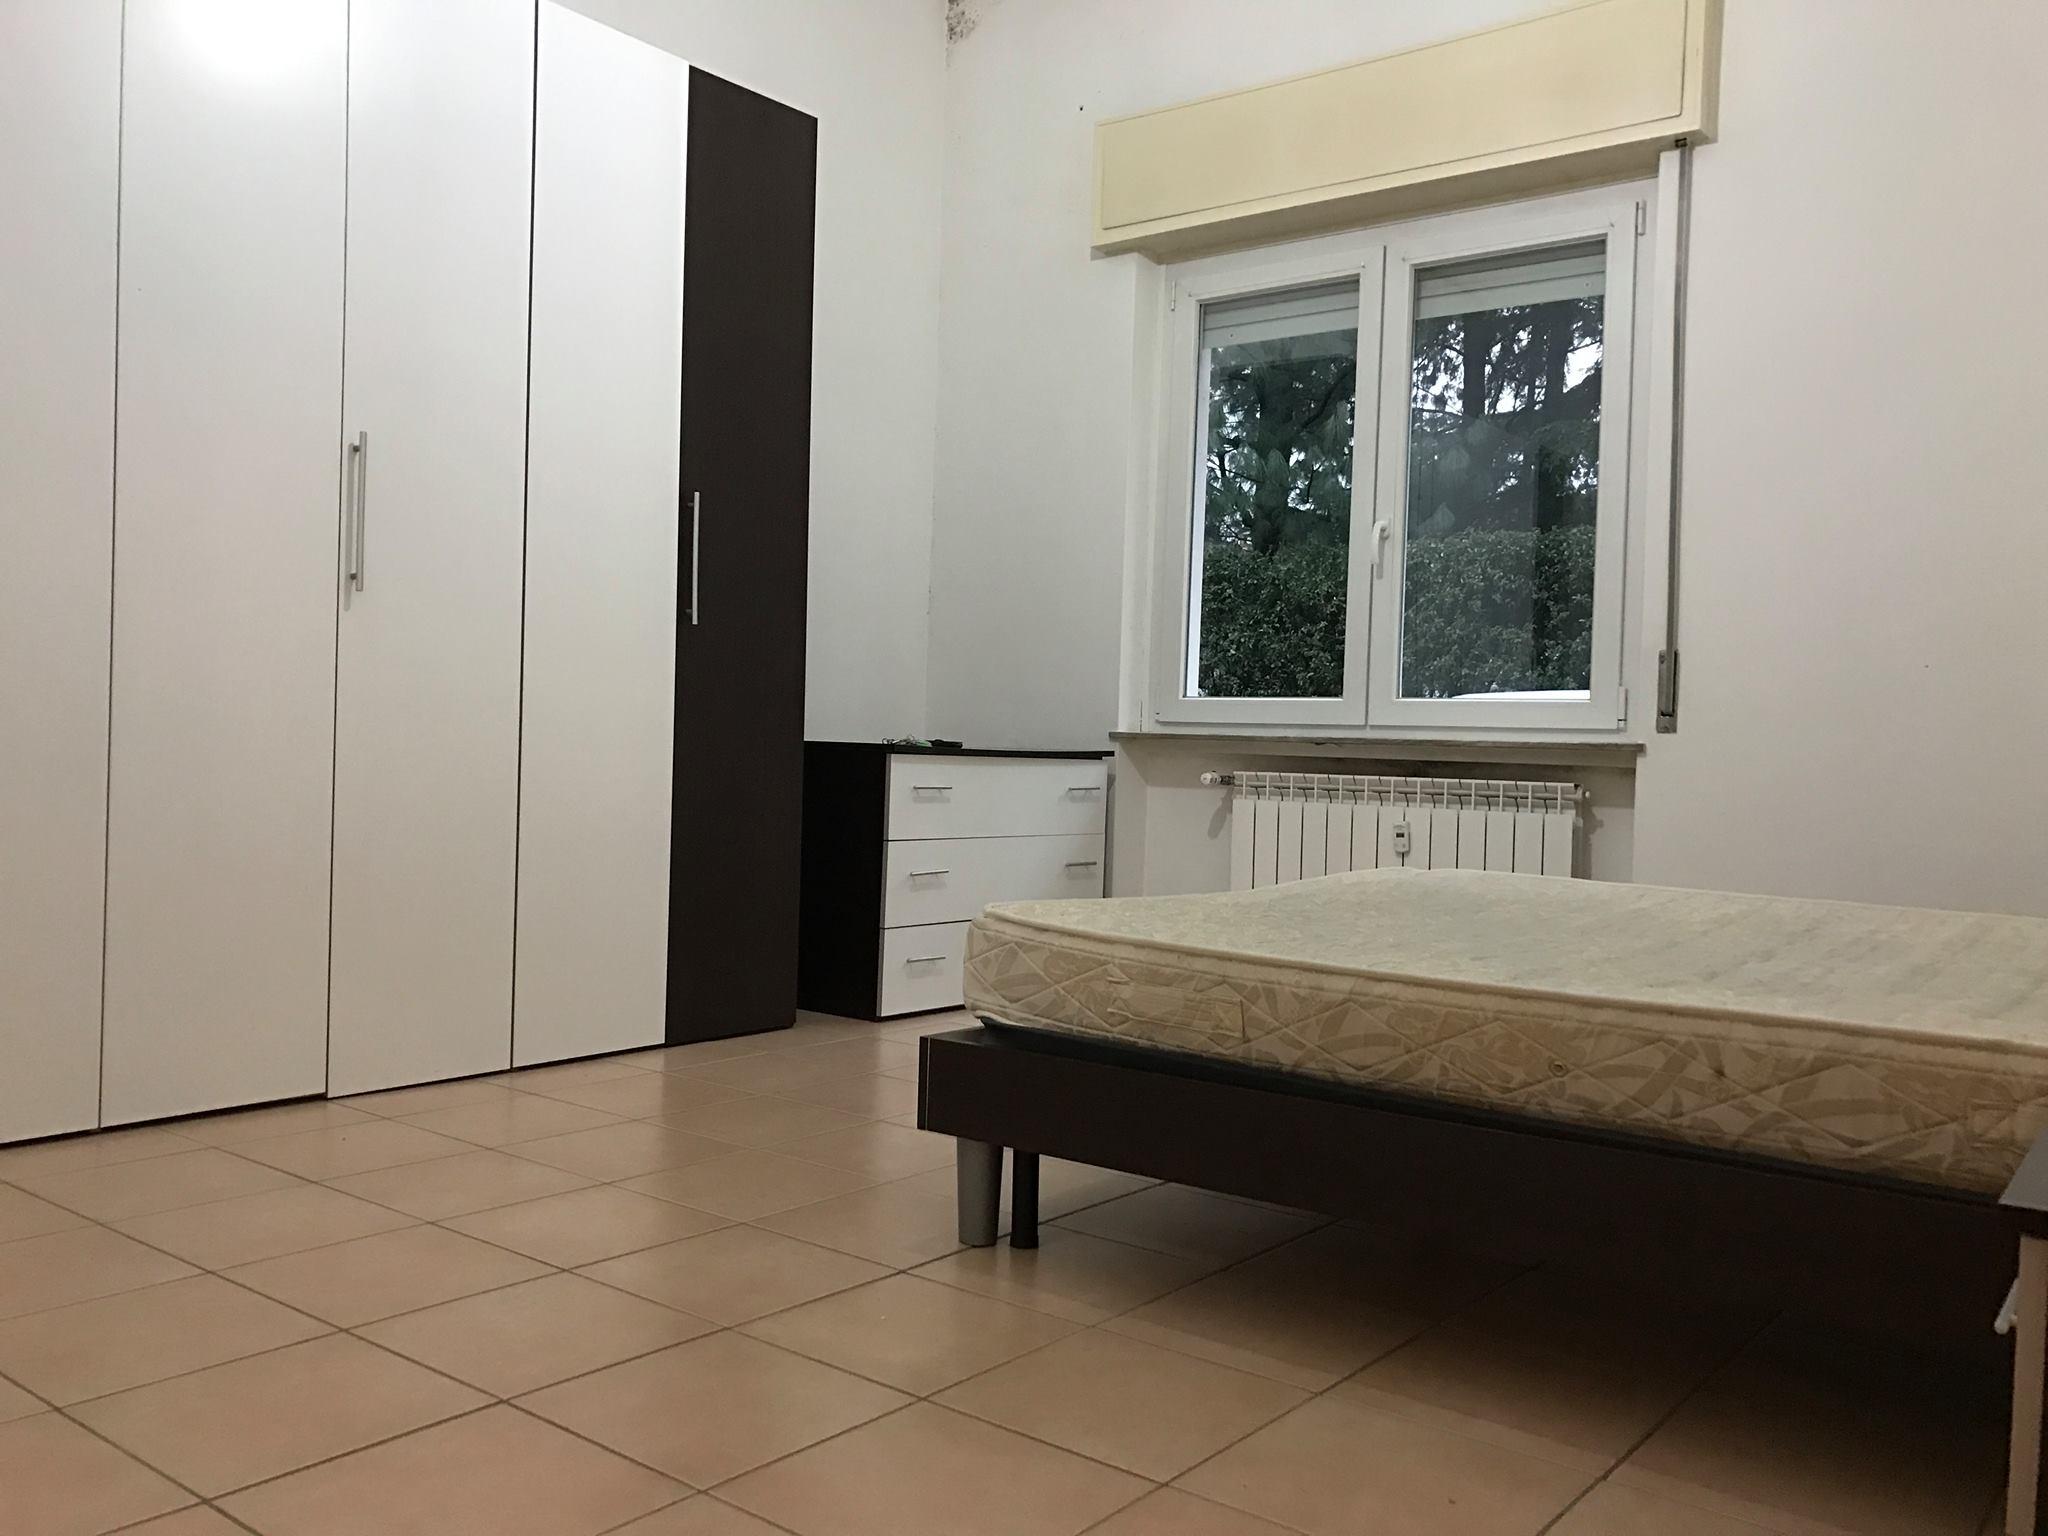 Affitto Appartamento Sesto Calende